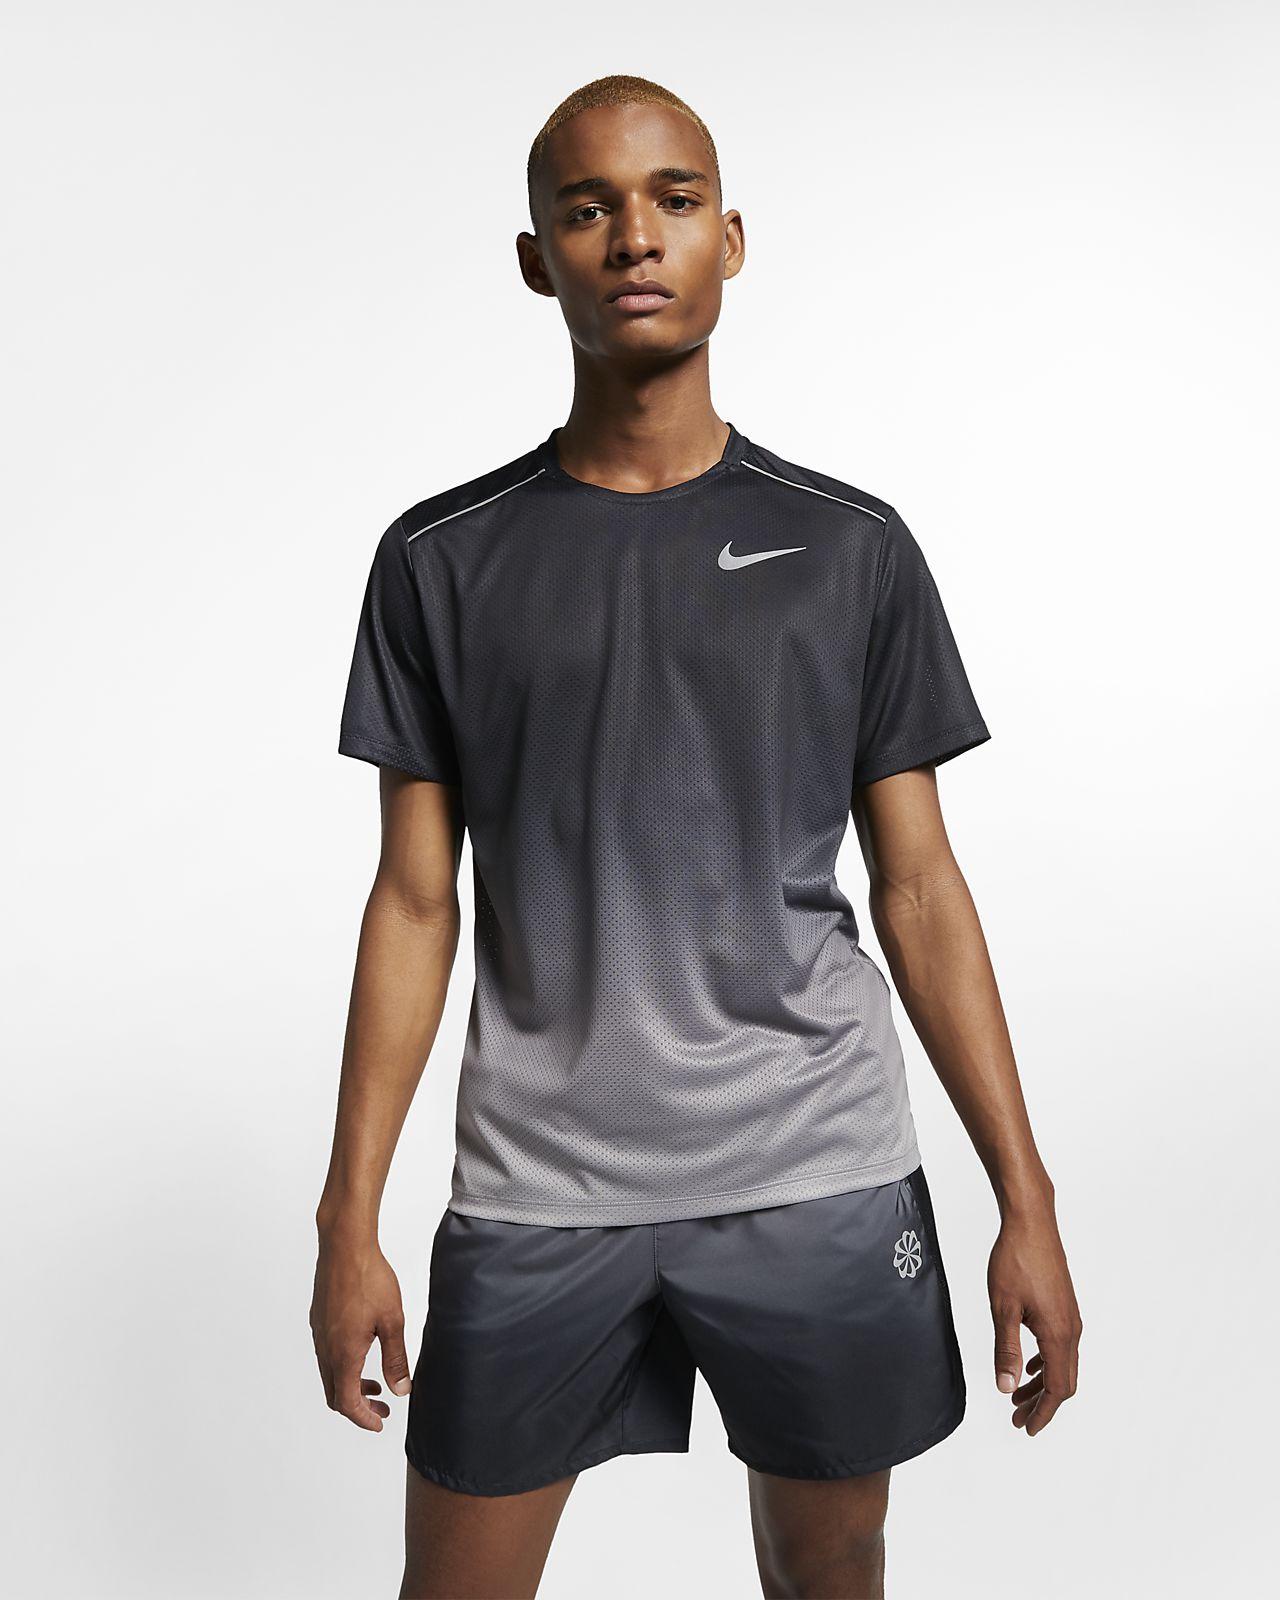 Ανδρική εμπριμέ κοντομάνικη μπλούζα για τρέξιμο Nike Dri-FIT Miler